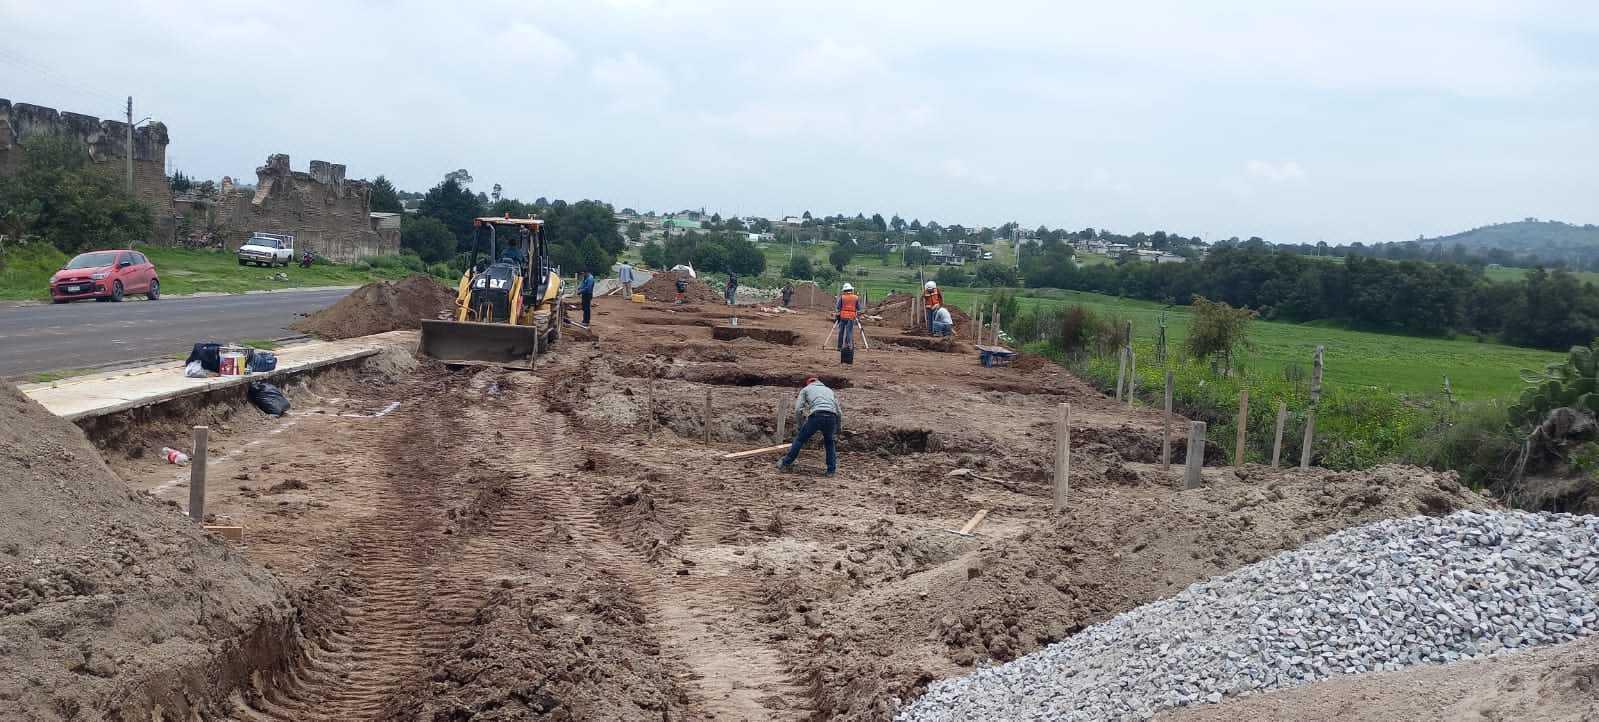 Inicia la construcción de la primera comisaria de seguridad publica de Atlangatepec